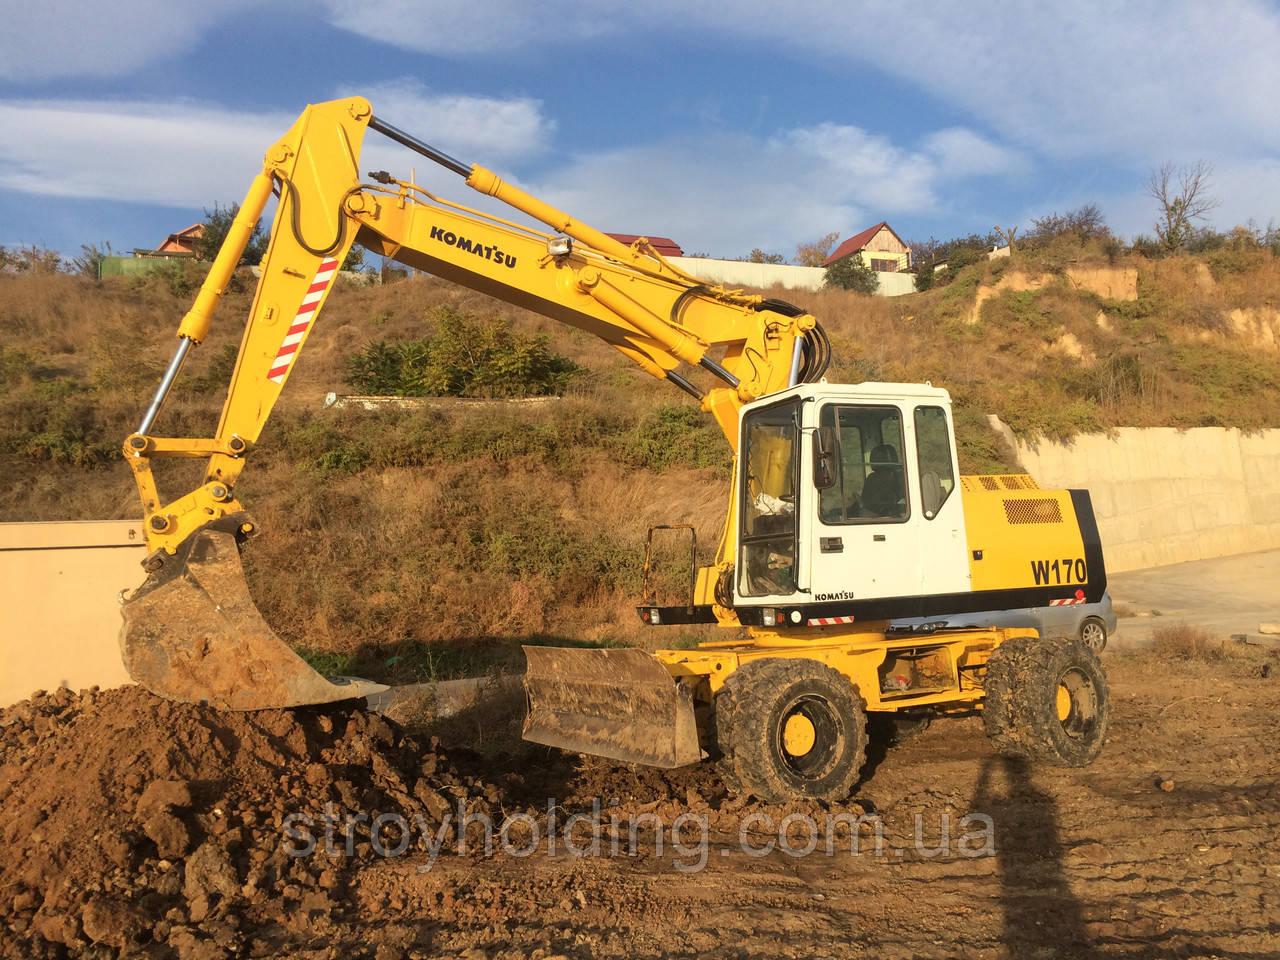 Разработка грунта, устройство котлованов, траншей, водоемов, земляные работы